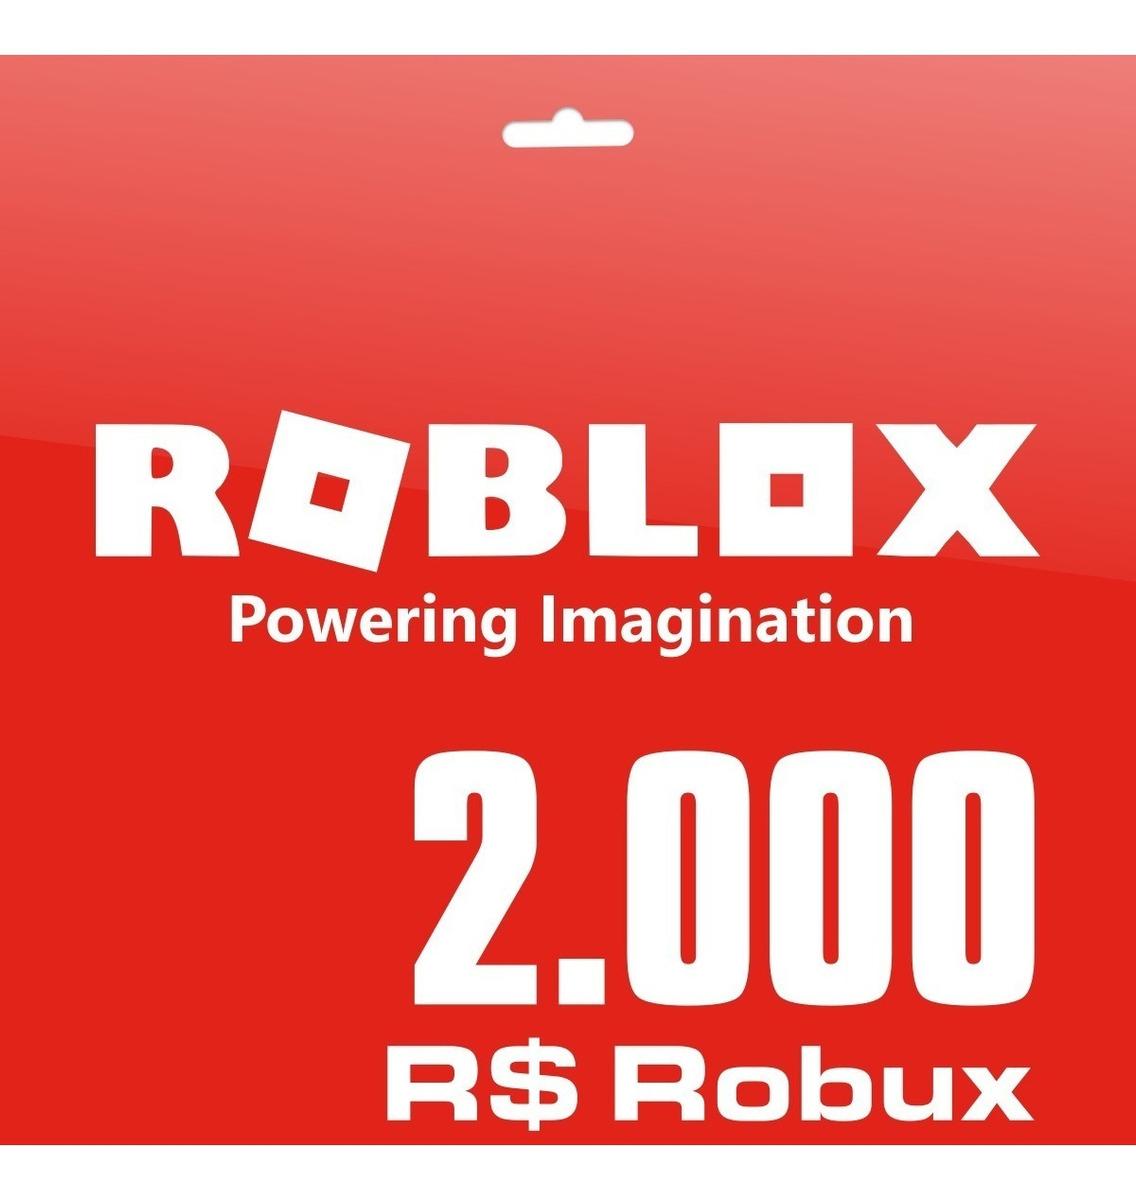 Roblox 2000 Robux Pc Gift Card Entrega Digital Inmediata 108 900 En Mercado Libre